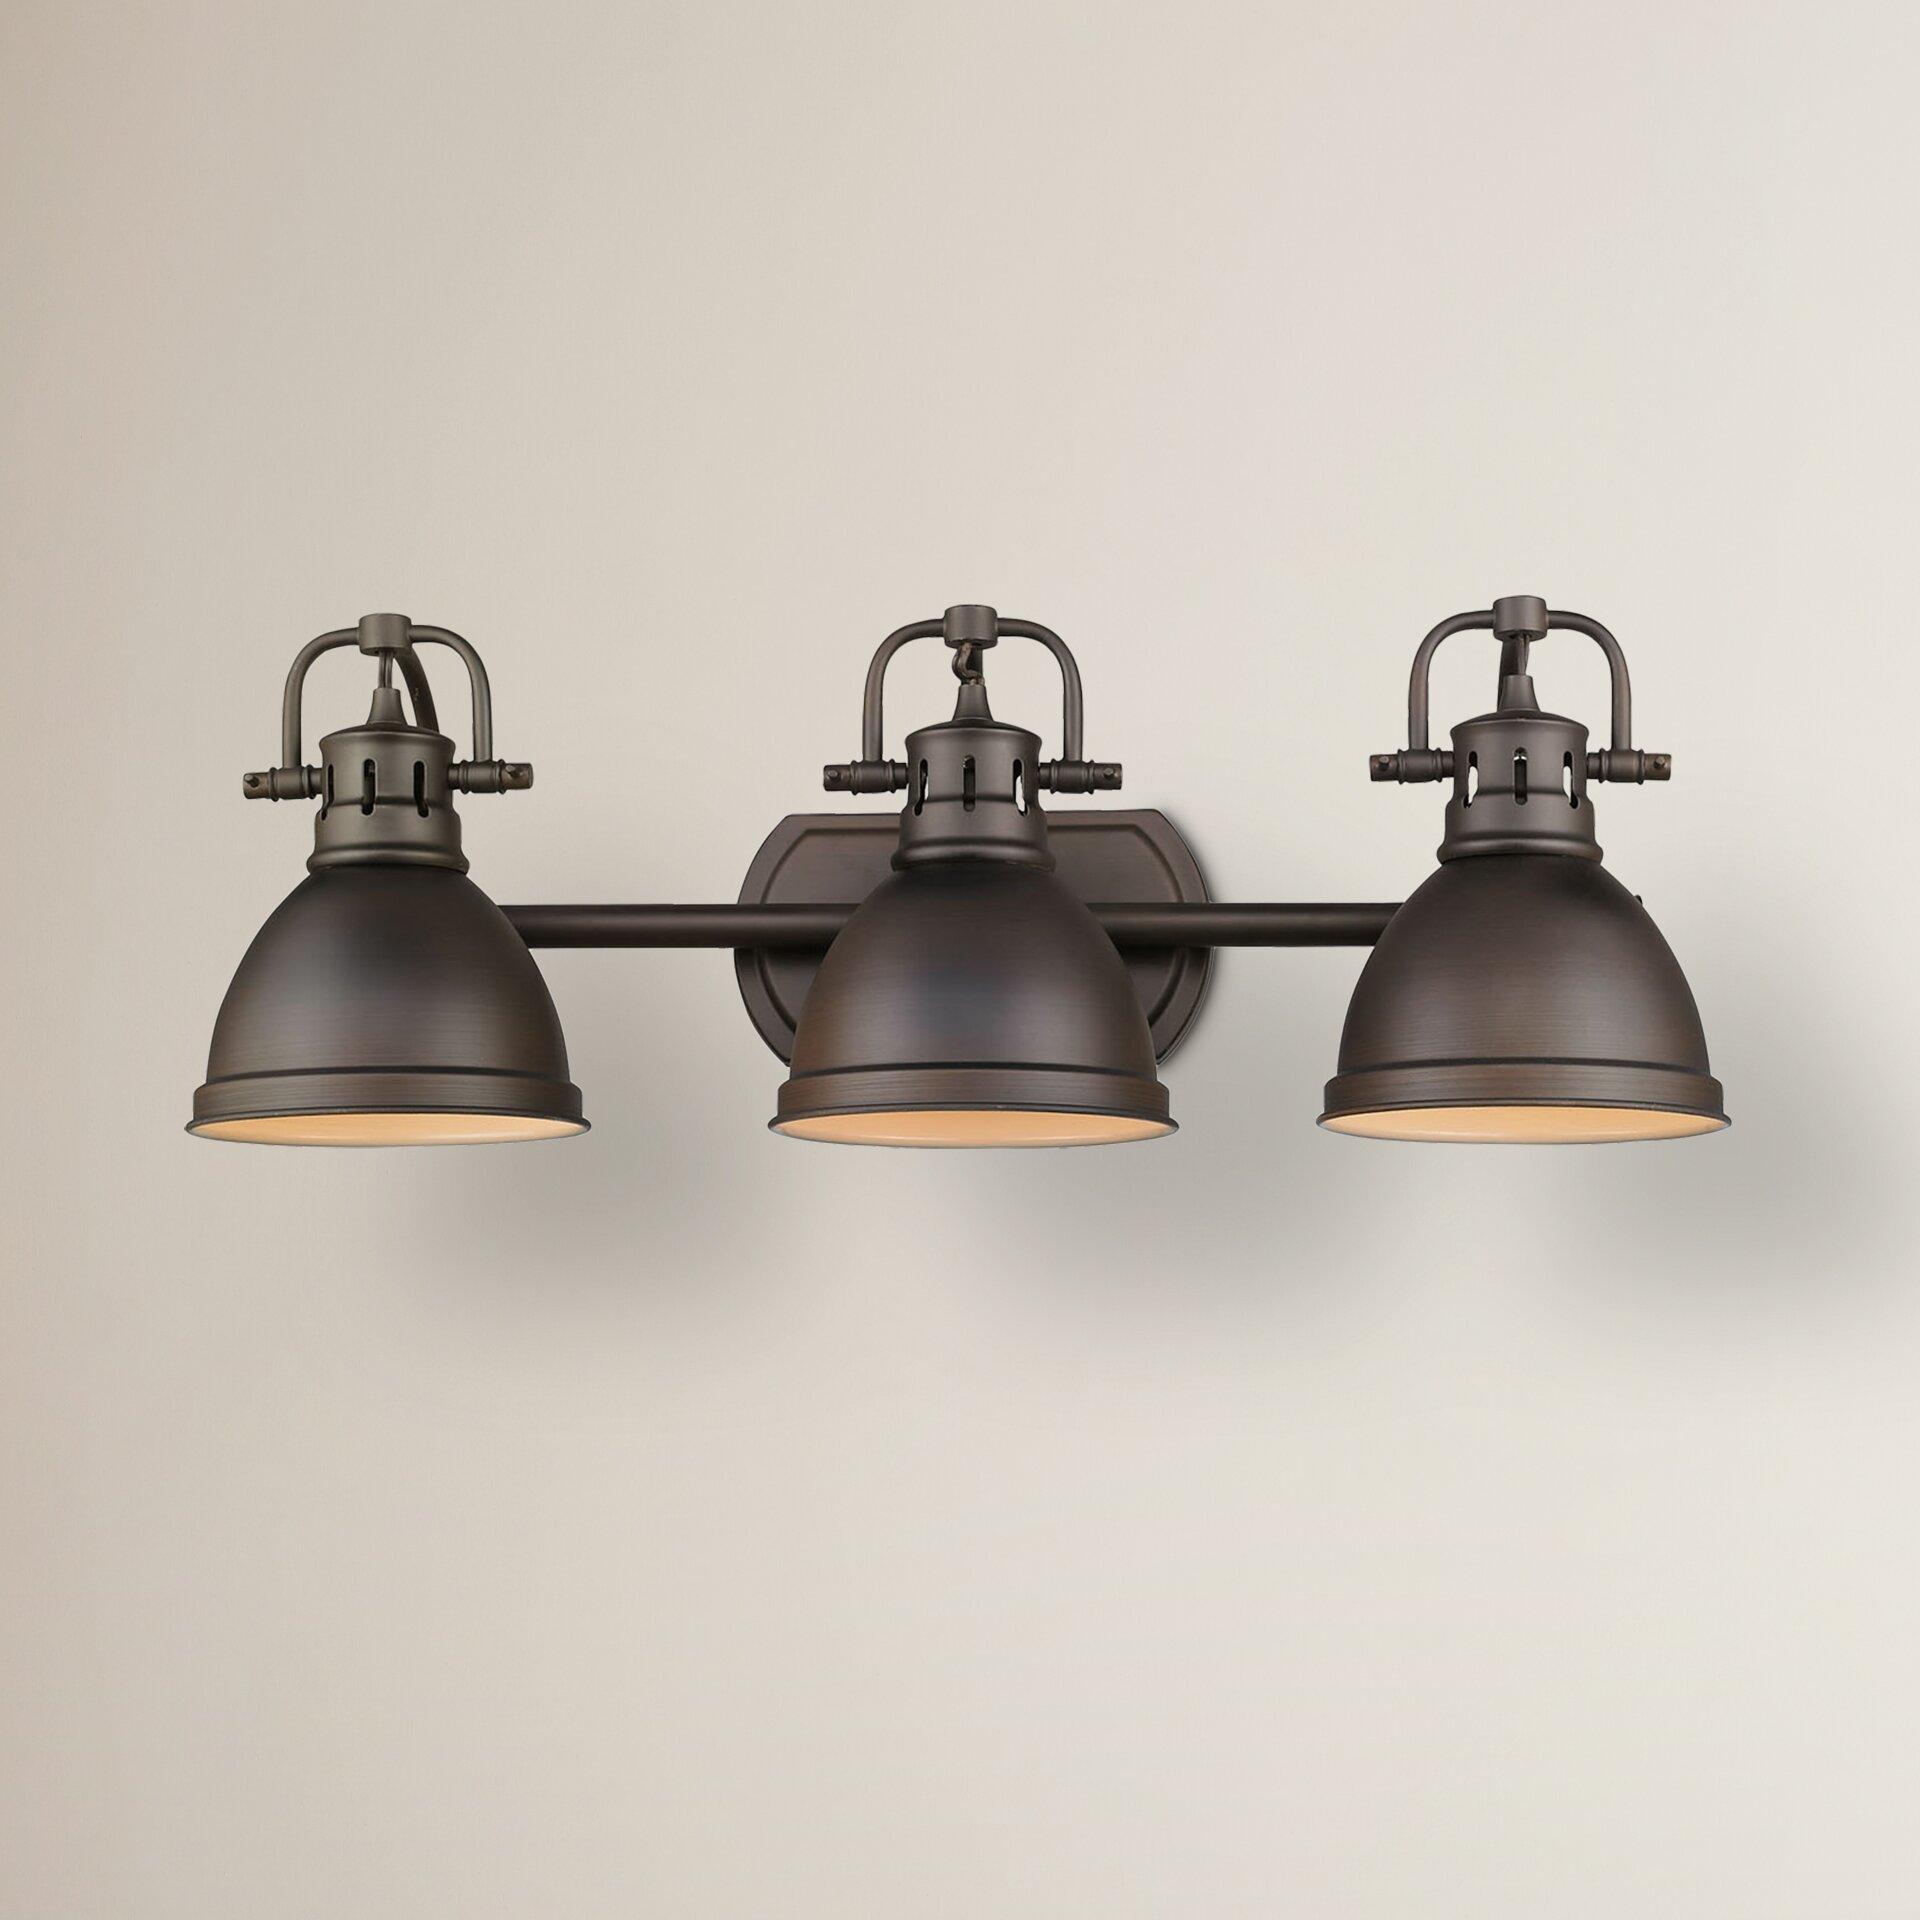 Beachcrest Home Gotha 3 Light Vanity Light Reviews: Breakwater Bay Bowdoinham 3 Light Vanity Light & Reviews